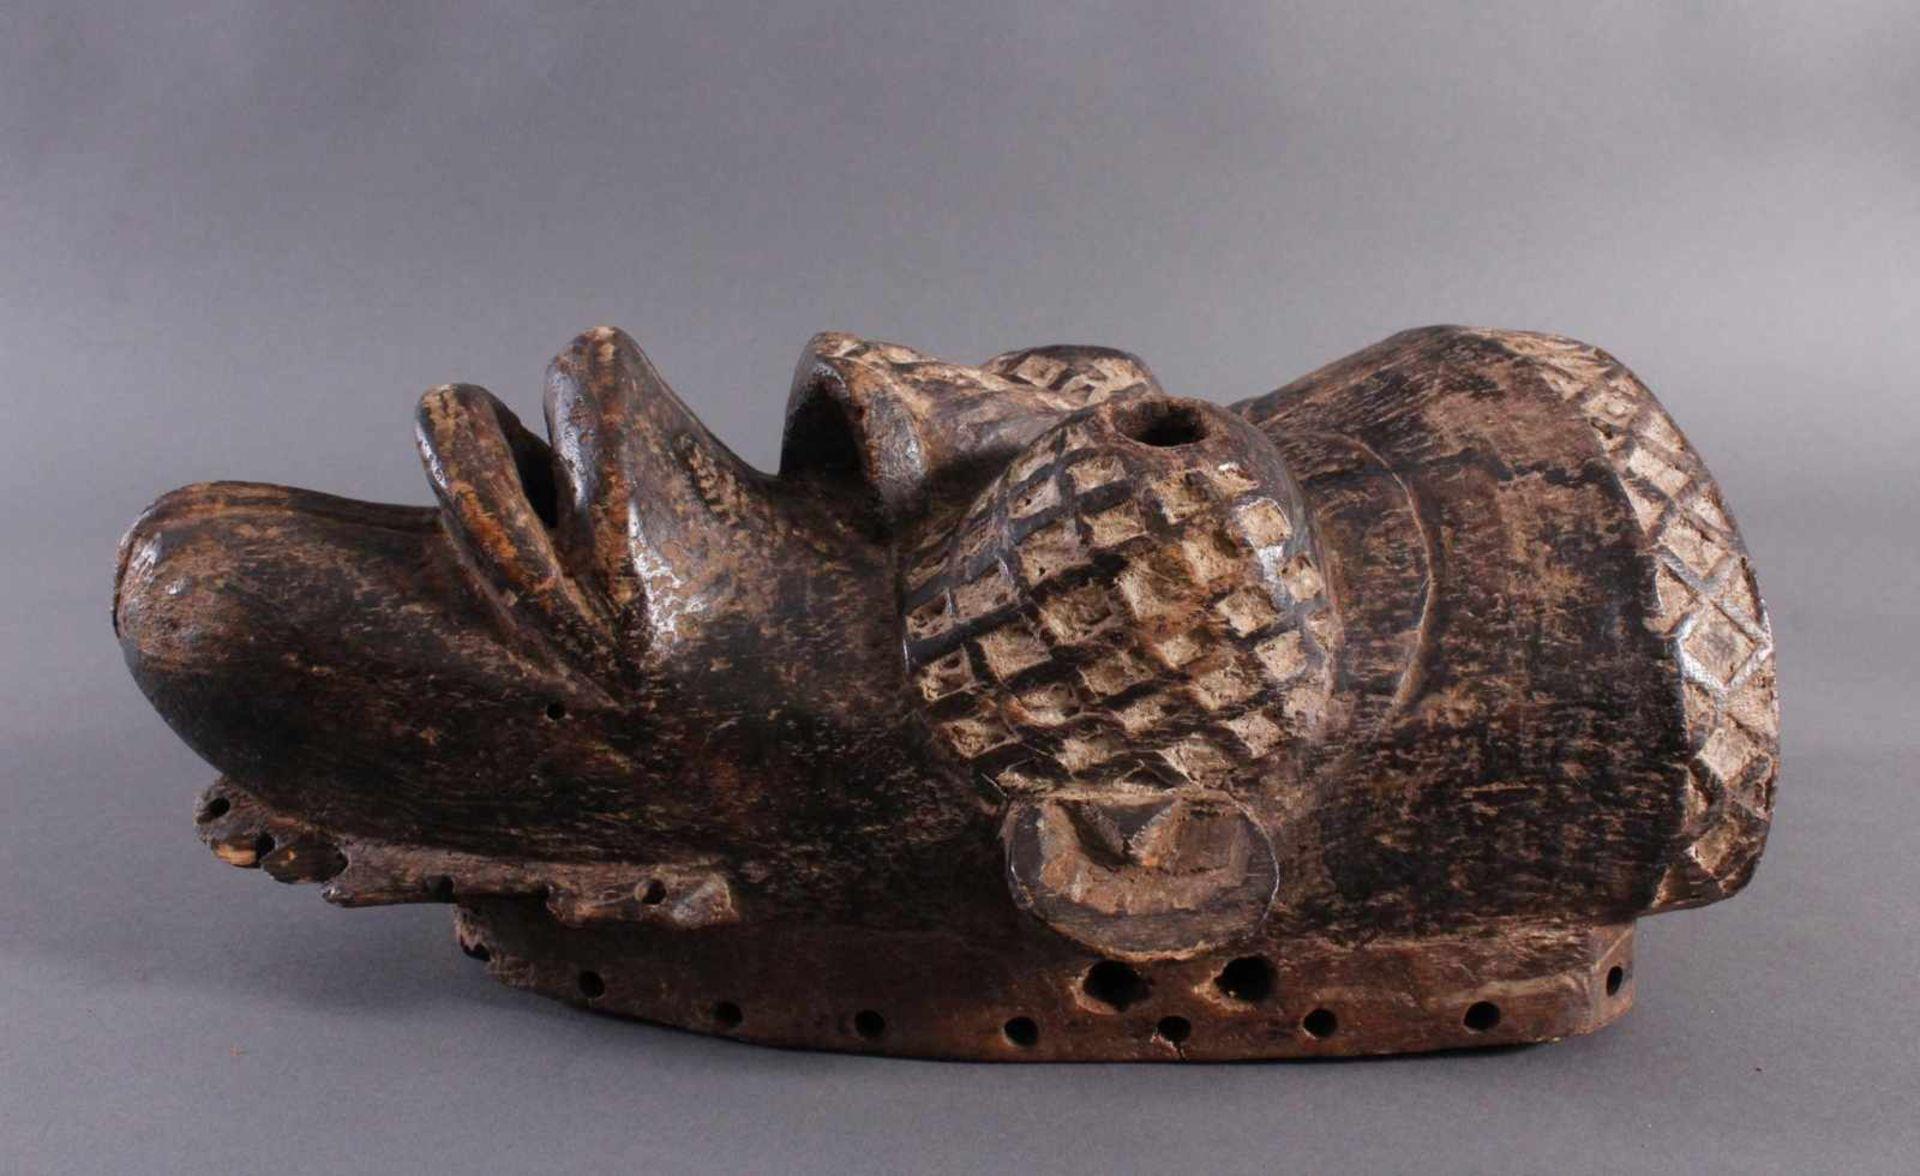 Antike Maske, Yaure Elfenbeinküste 1. Hälfte 20. Jh.Holz geschnitzt, dunkle Patina, Reste weißer - Bild 3 aus 6